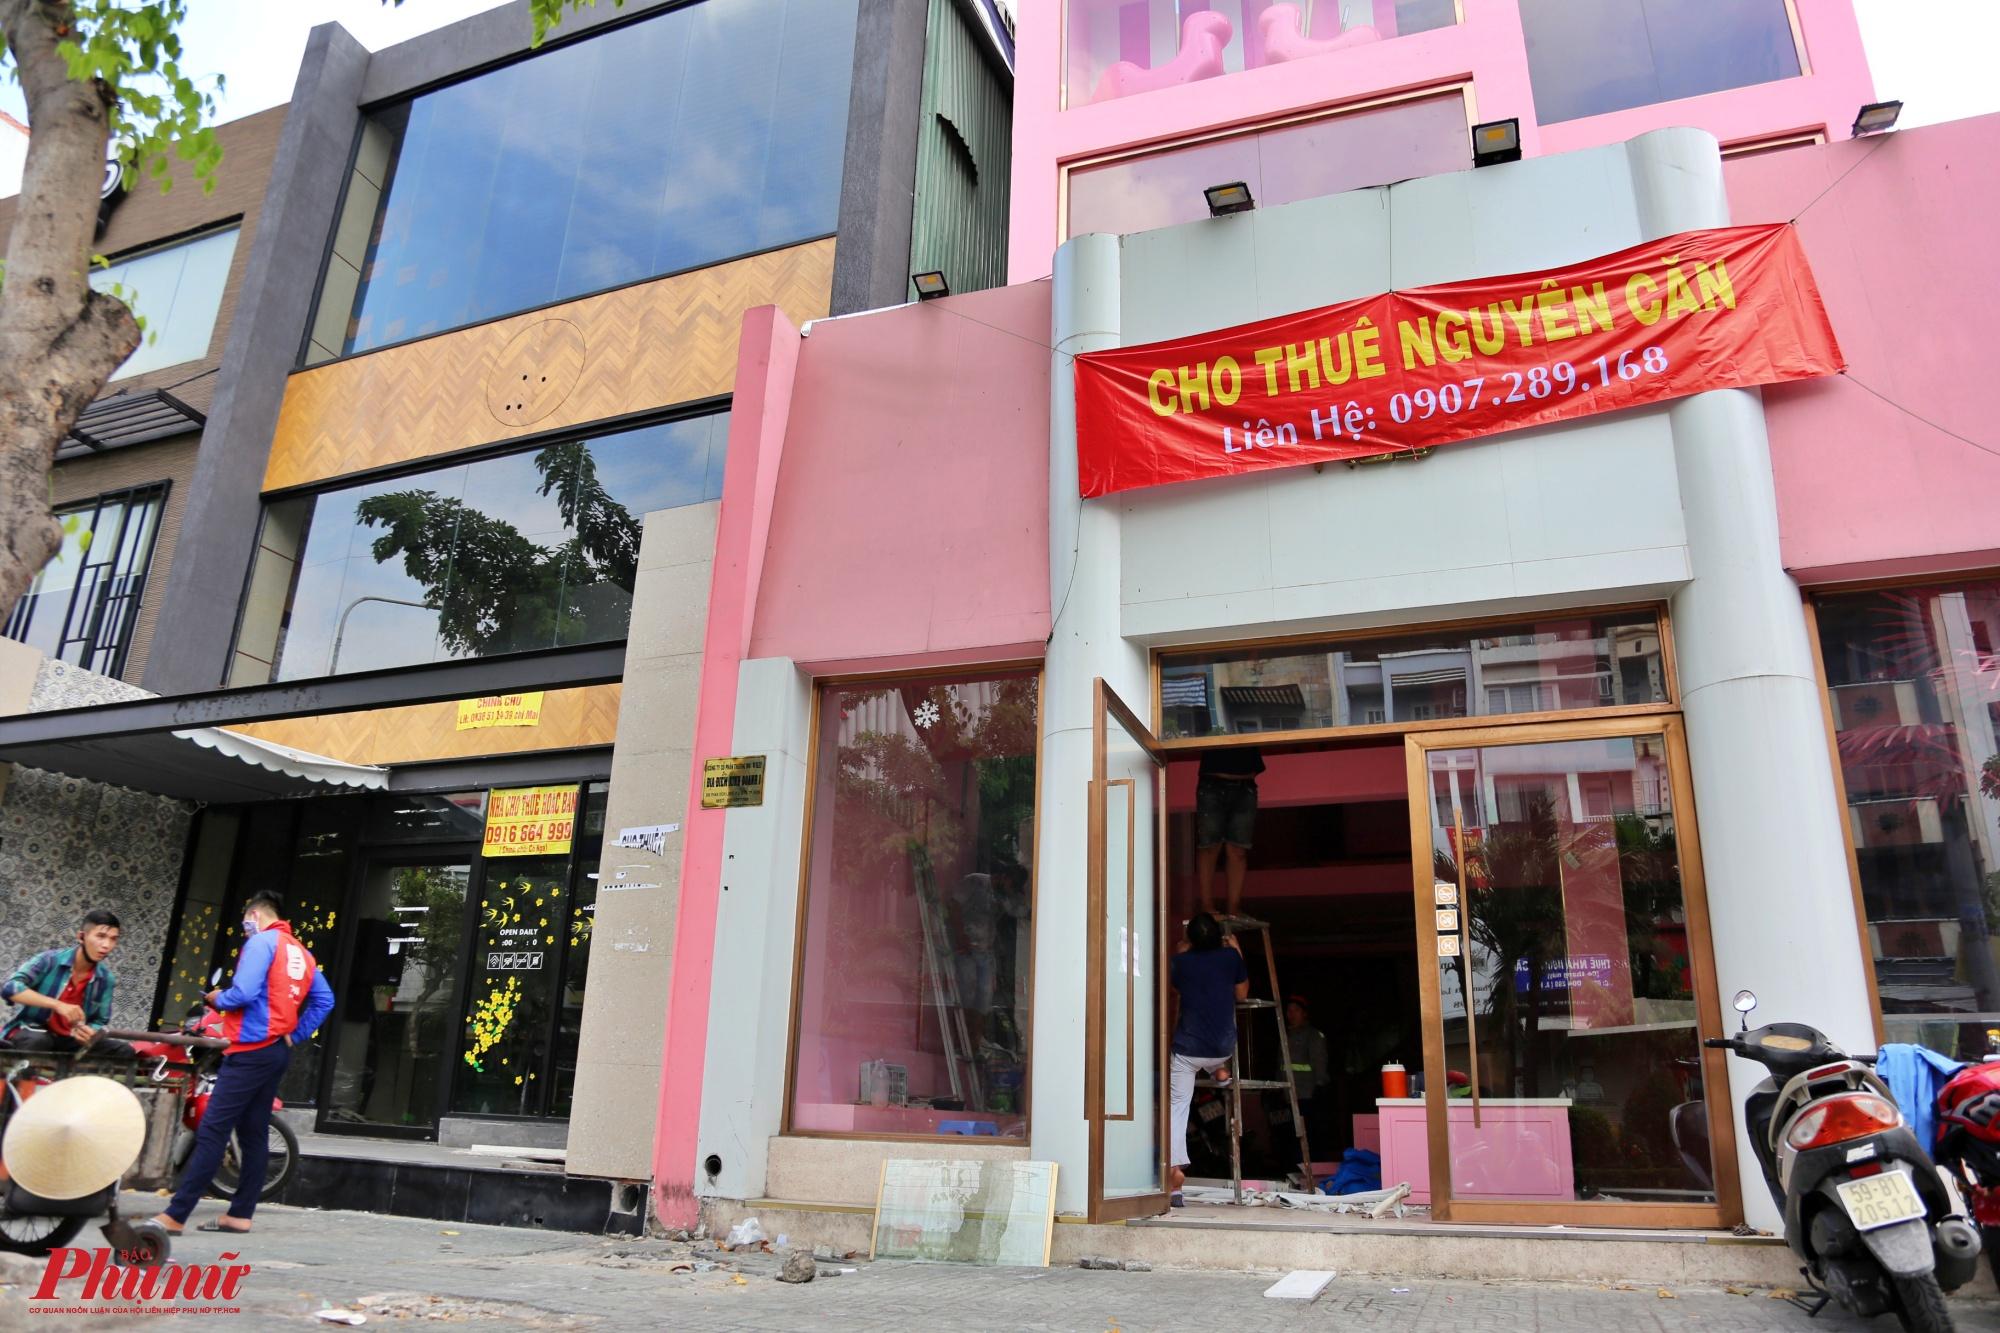 Hai tiệm thức uống kế bên nhau trên con đường ẩm thực Phan Xích Long đã đóng cửa, trước đây những tiệm thức uống này thường rất đông khách về đêm, chủ yếu là phục vụ cho lứa tuổi teen